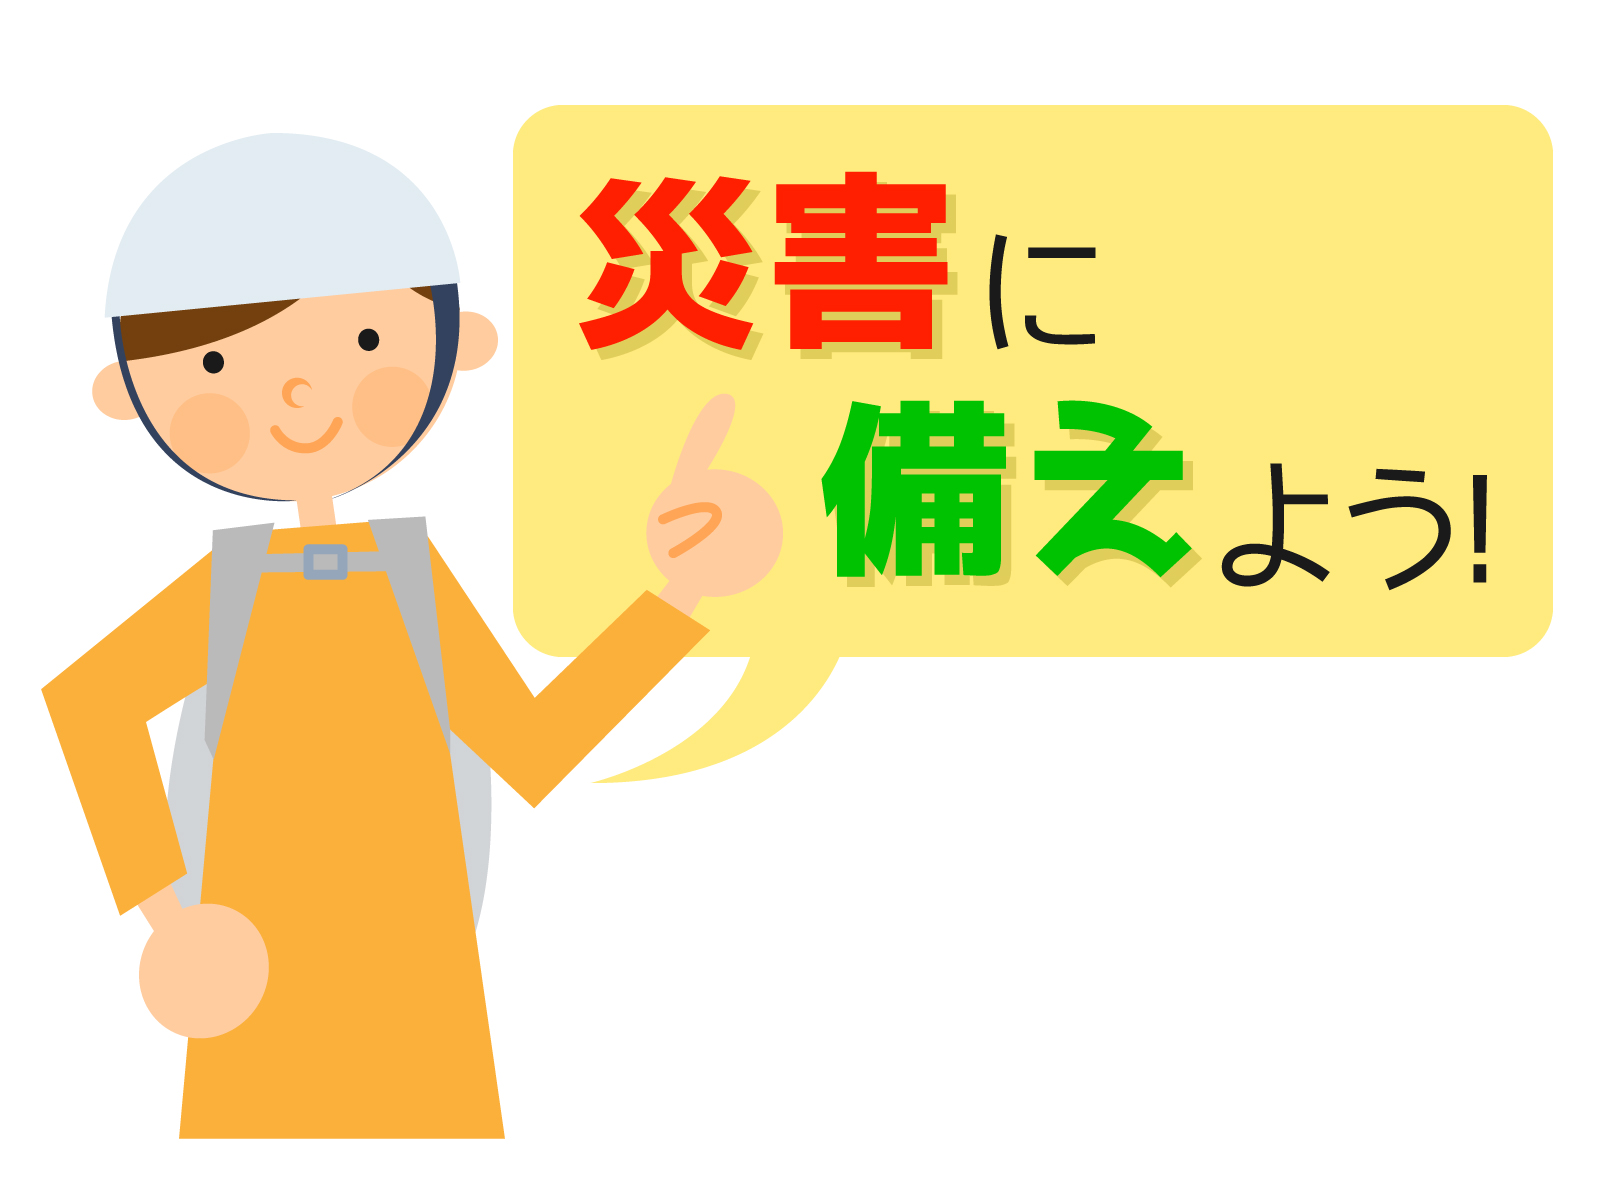 jiaino